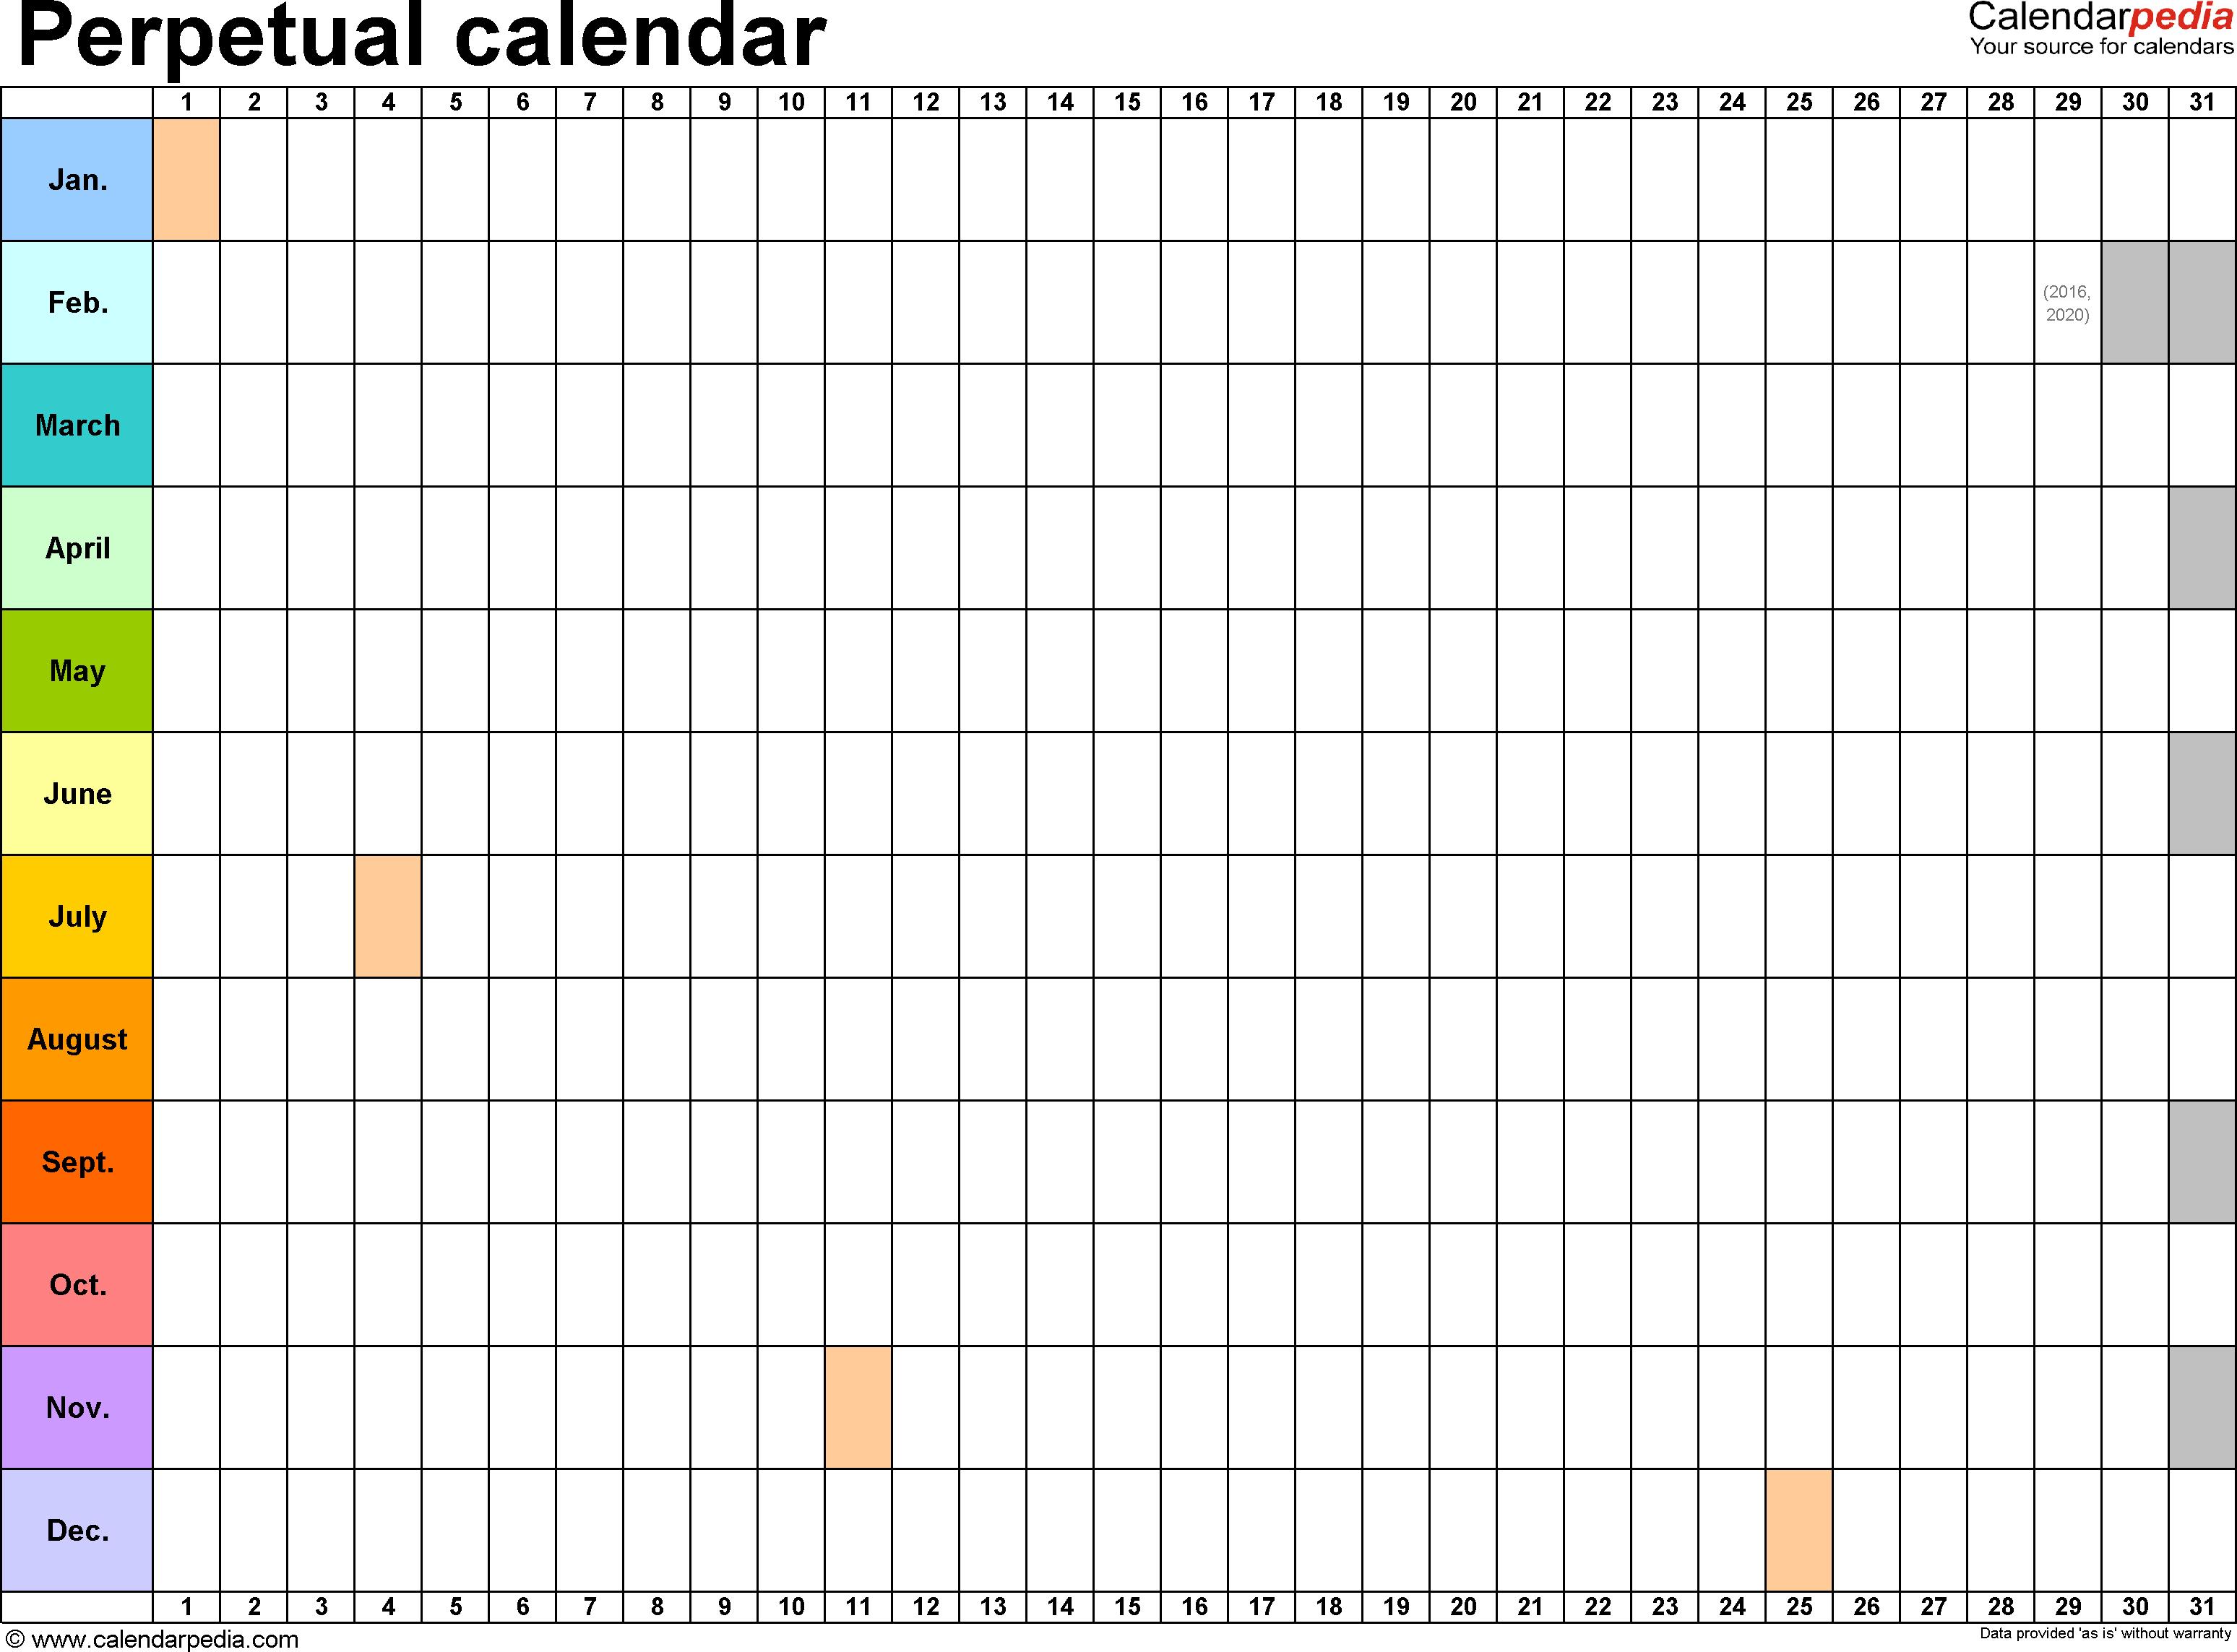 Perpetual Calendar Download Free | Calendar Templates In Excel regarding Perpetual Calendar Excel